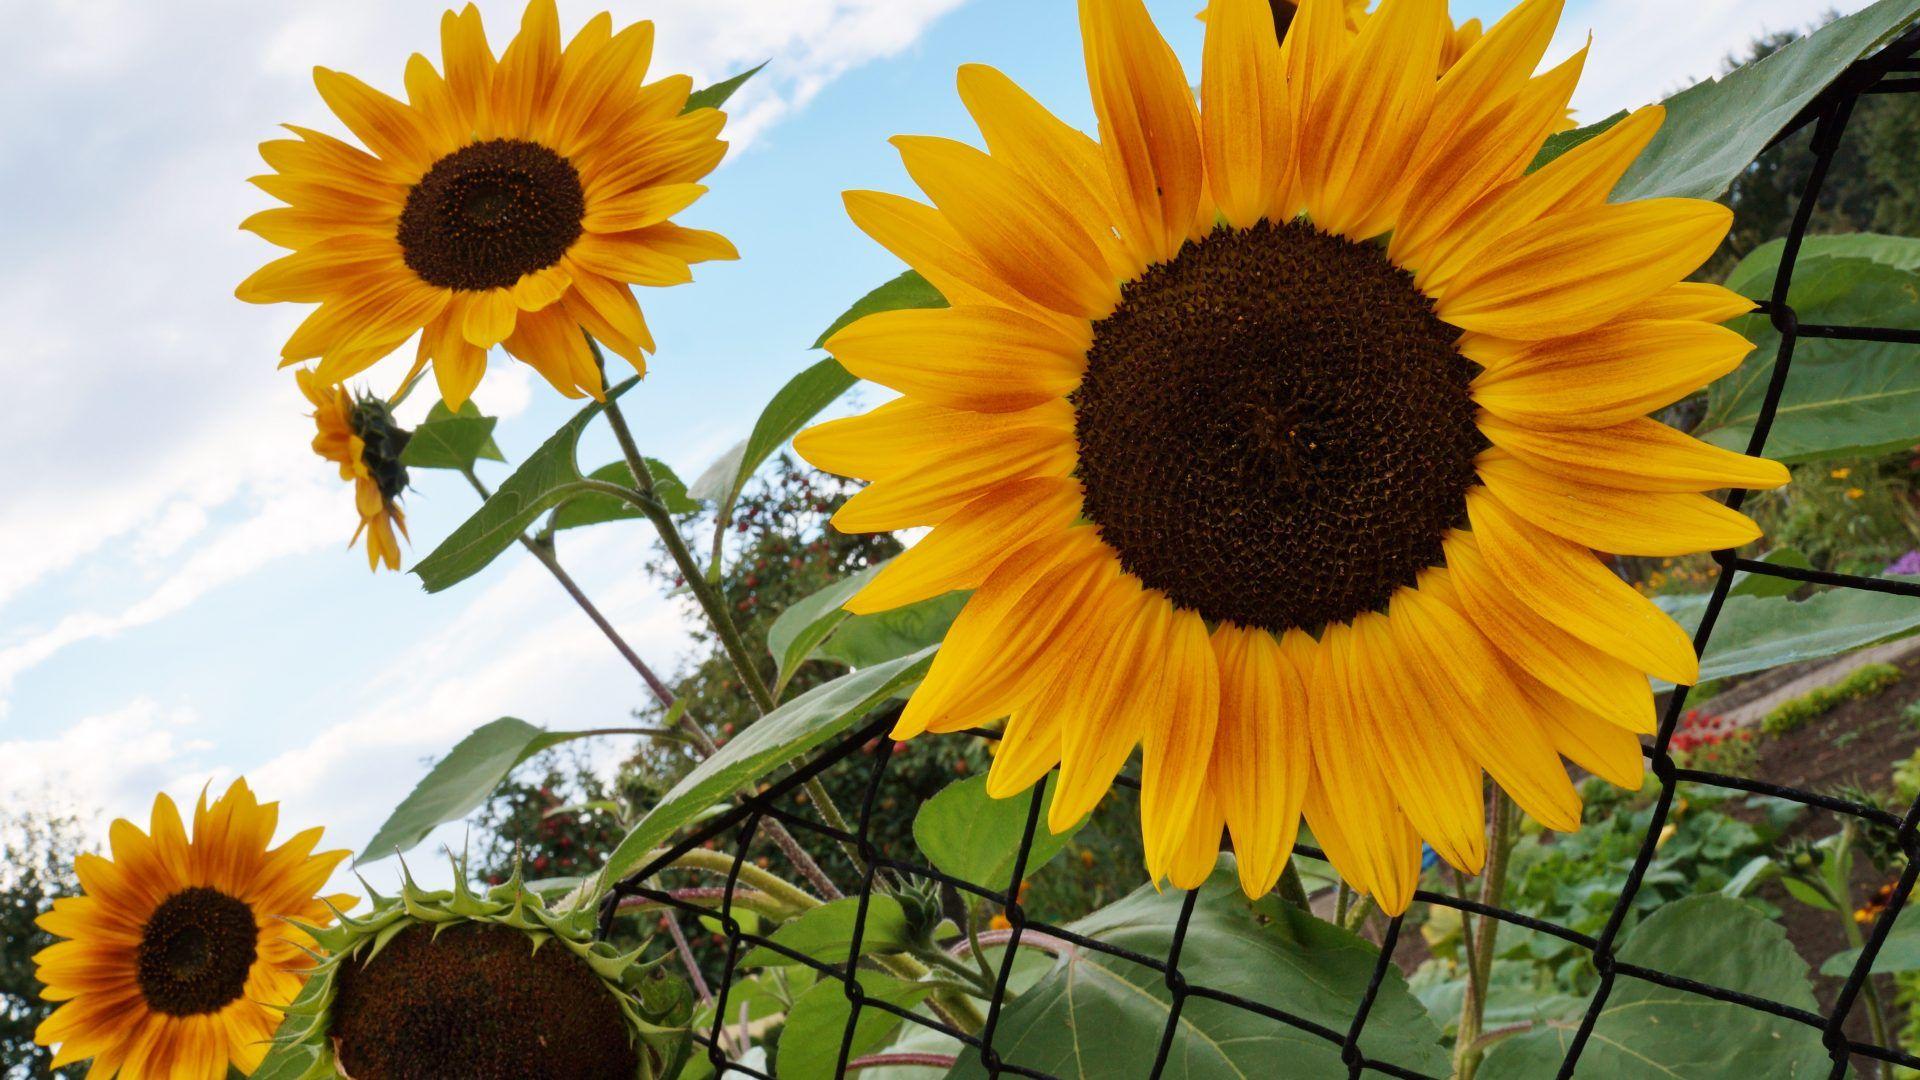 hd sunflower wallpaper